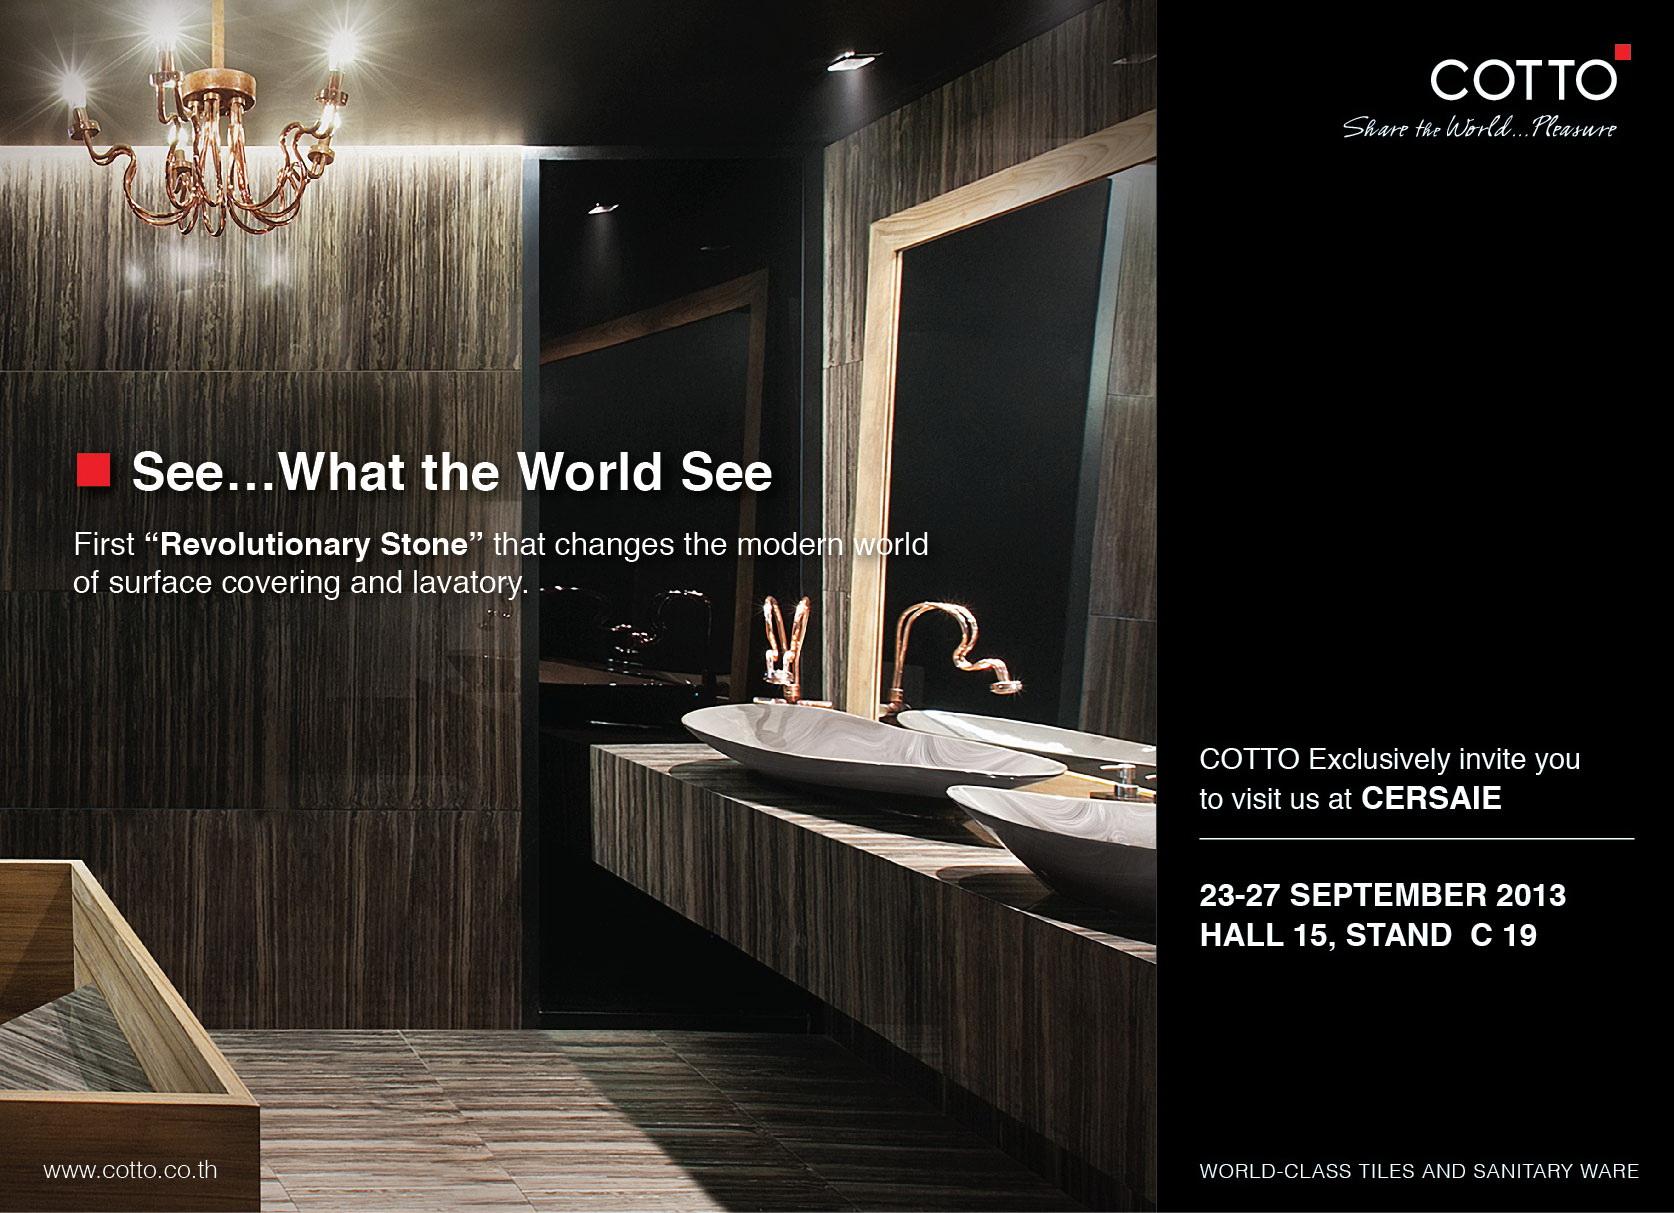 COTTO showcases its unique texture porcelain tiles and the ...